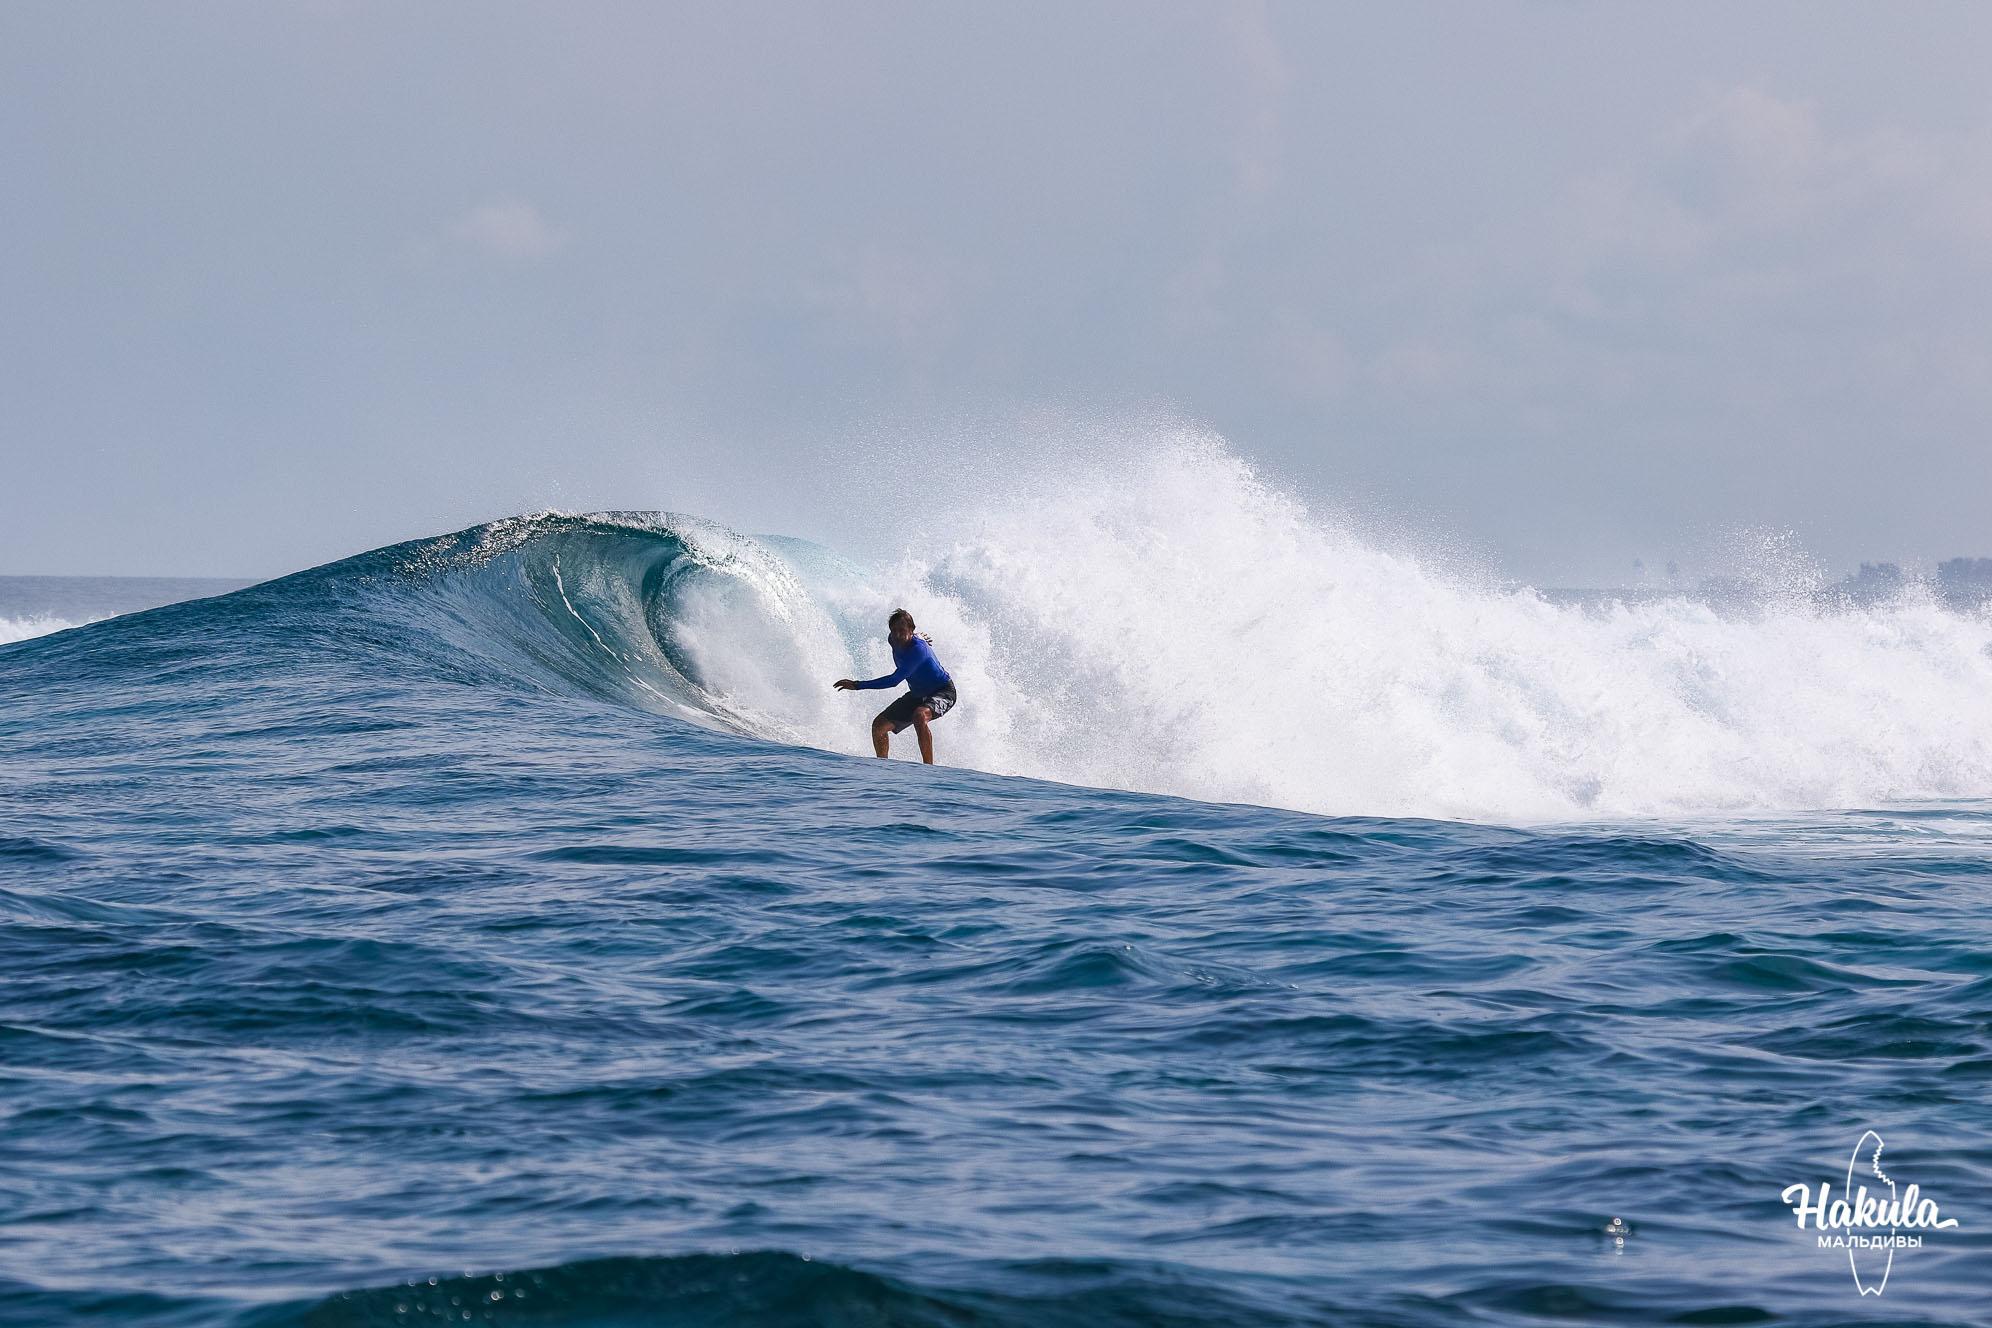 Осенние сёрф-кэмпы на Мальдивах 2020